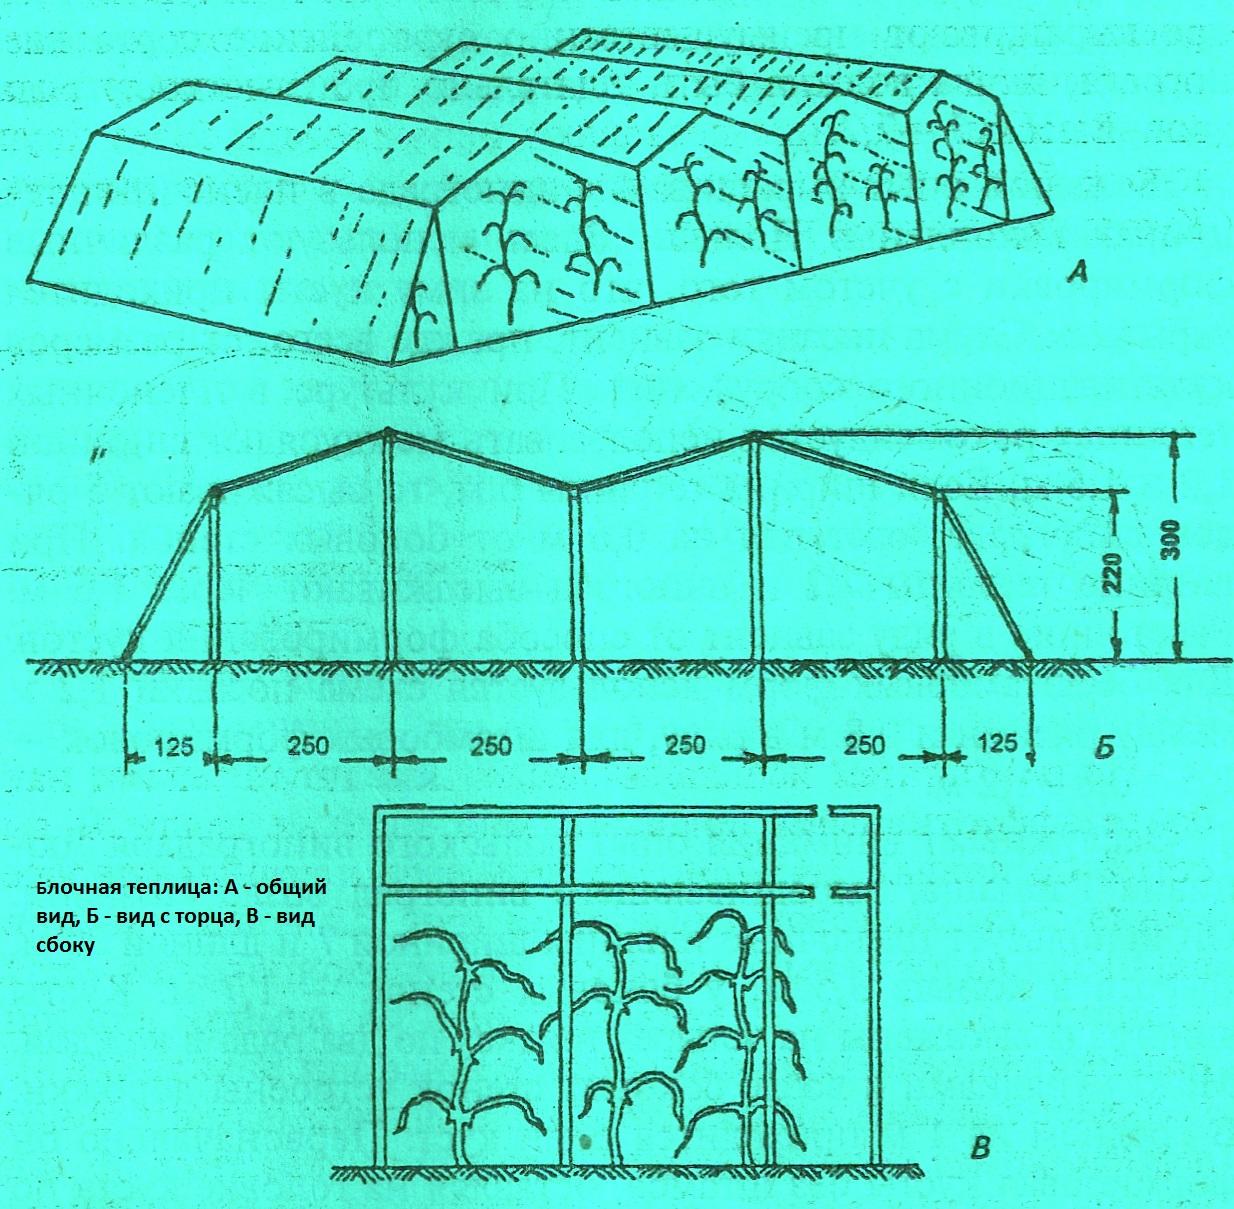 Схема примера теплицы